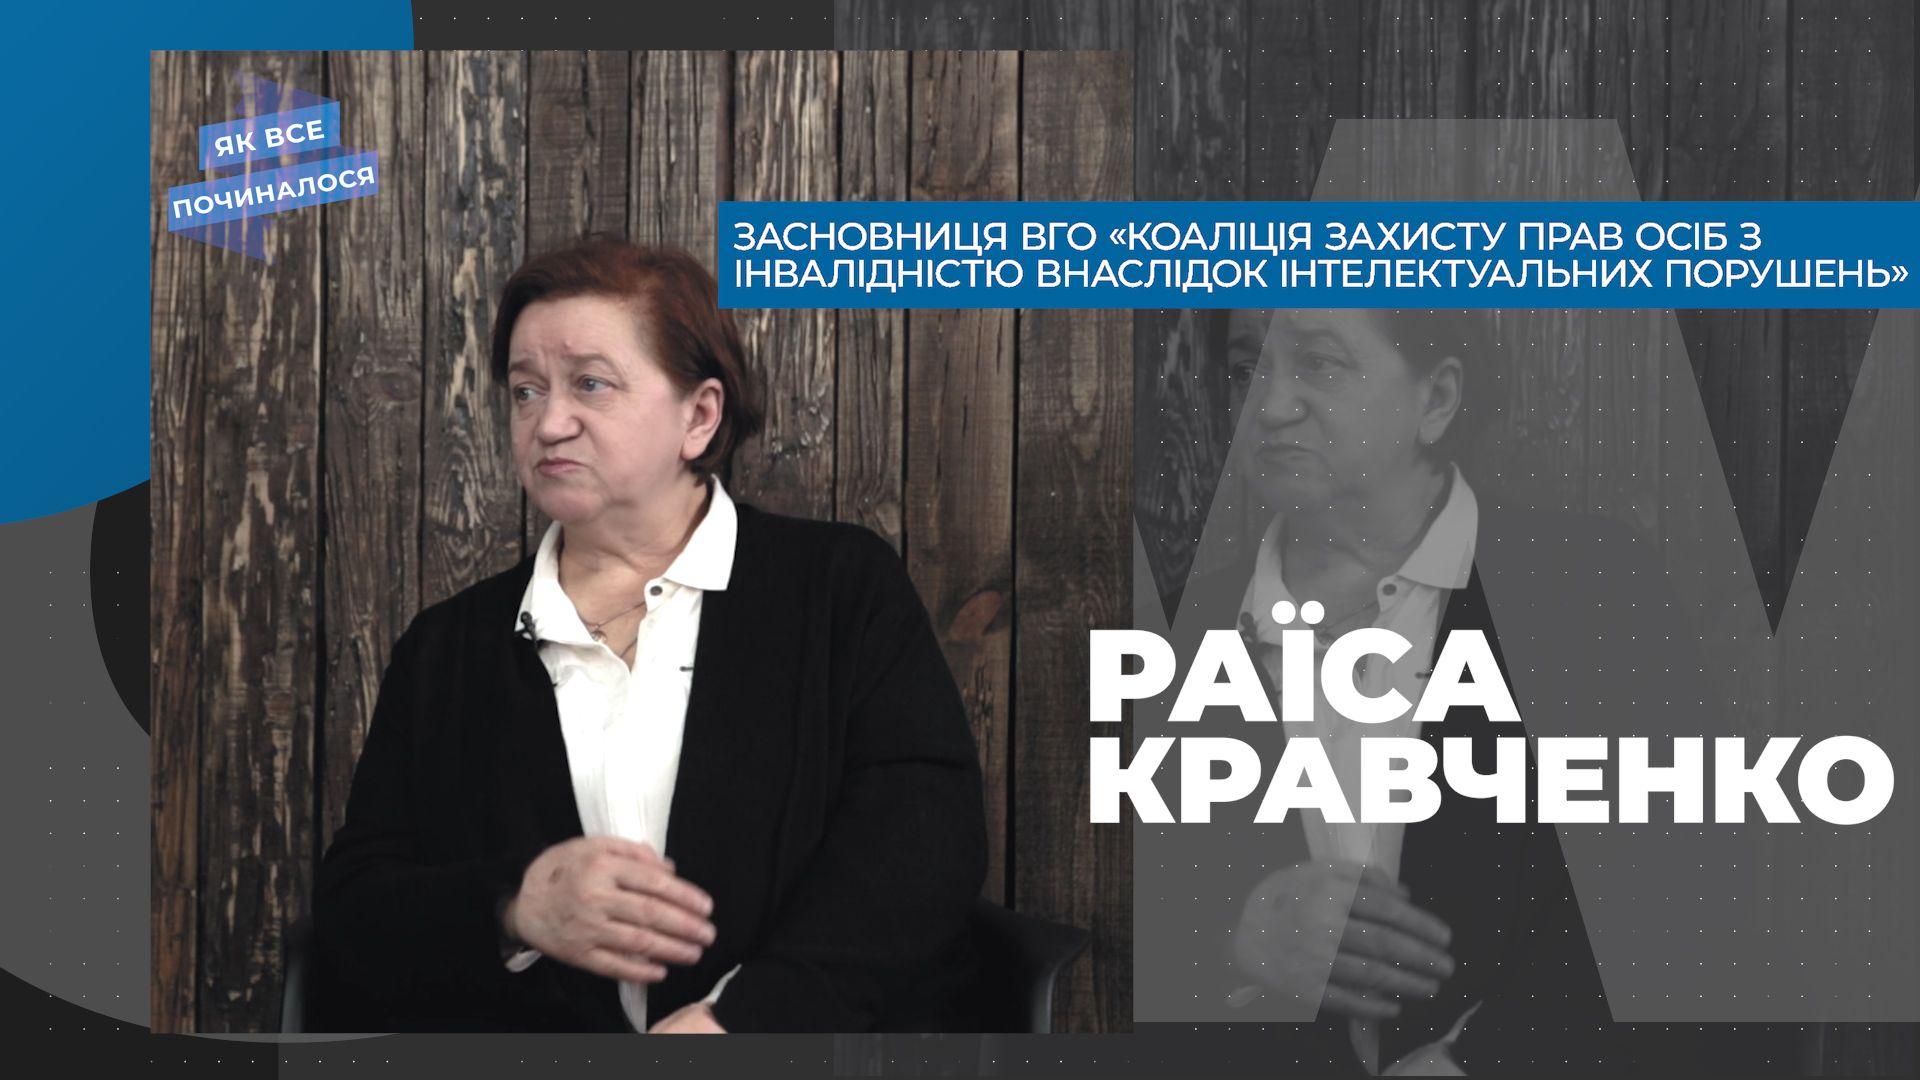 Все ради ребенка: Раиса Кравченко рассказала, как начала опекать людей с интеллектуальными нарушениями